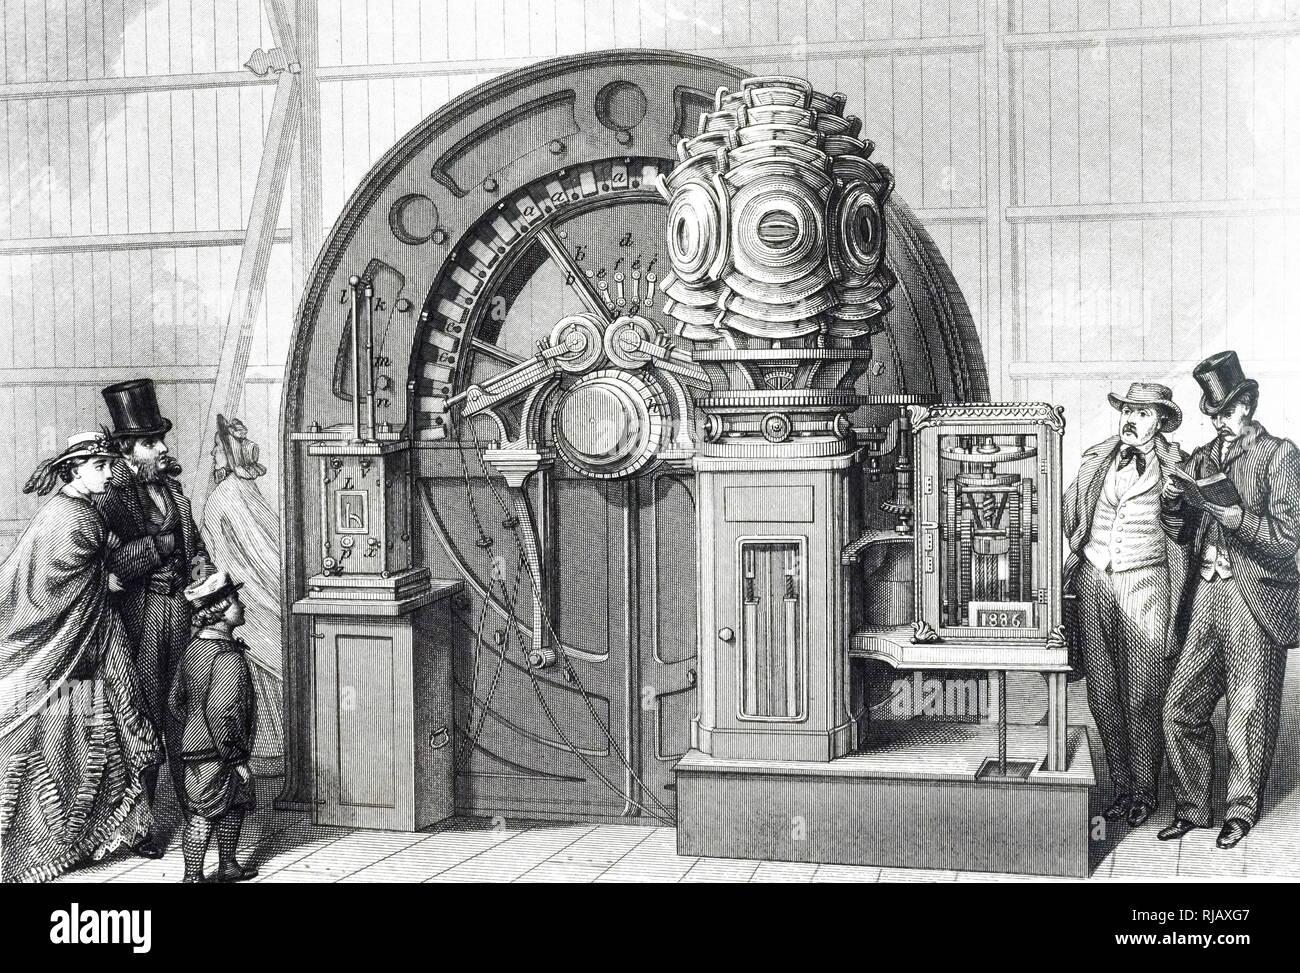 Ein kupferstich mit der Darstellung der magneto-elektrischen Generator - Stromversorgung ein Leuchtturm Licht auf der Internationalen Ausstellung in London. Vom 19. Jahrhundert Stockbild